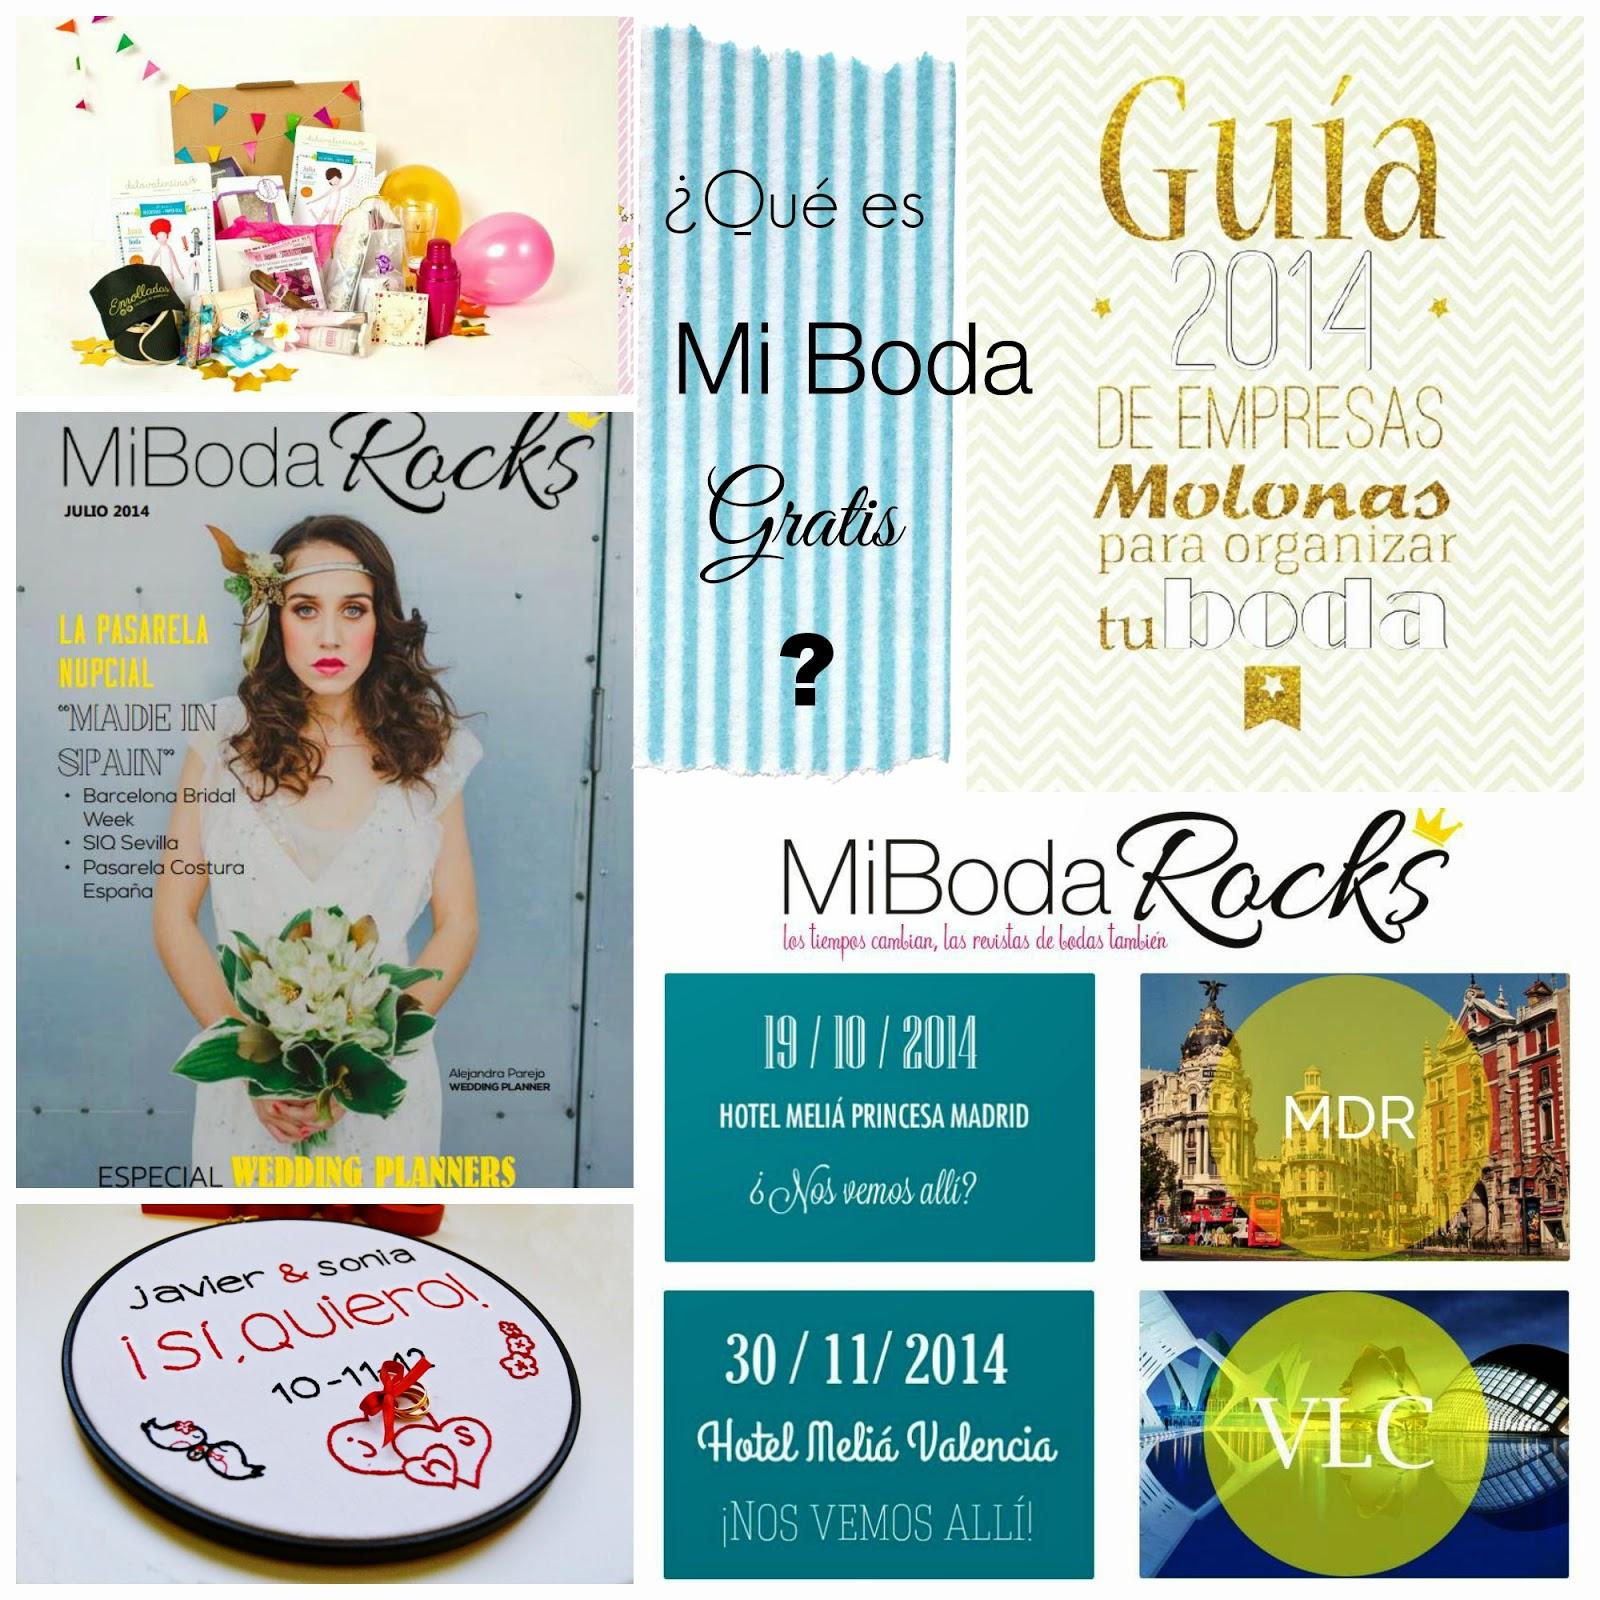 Blog Mi Boda: Blog de Bodas Mi Boda gratis ... y mucho más